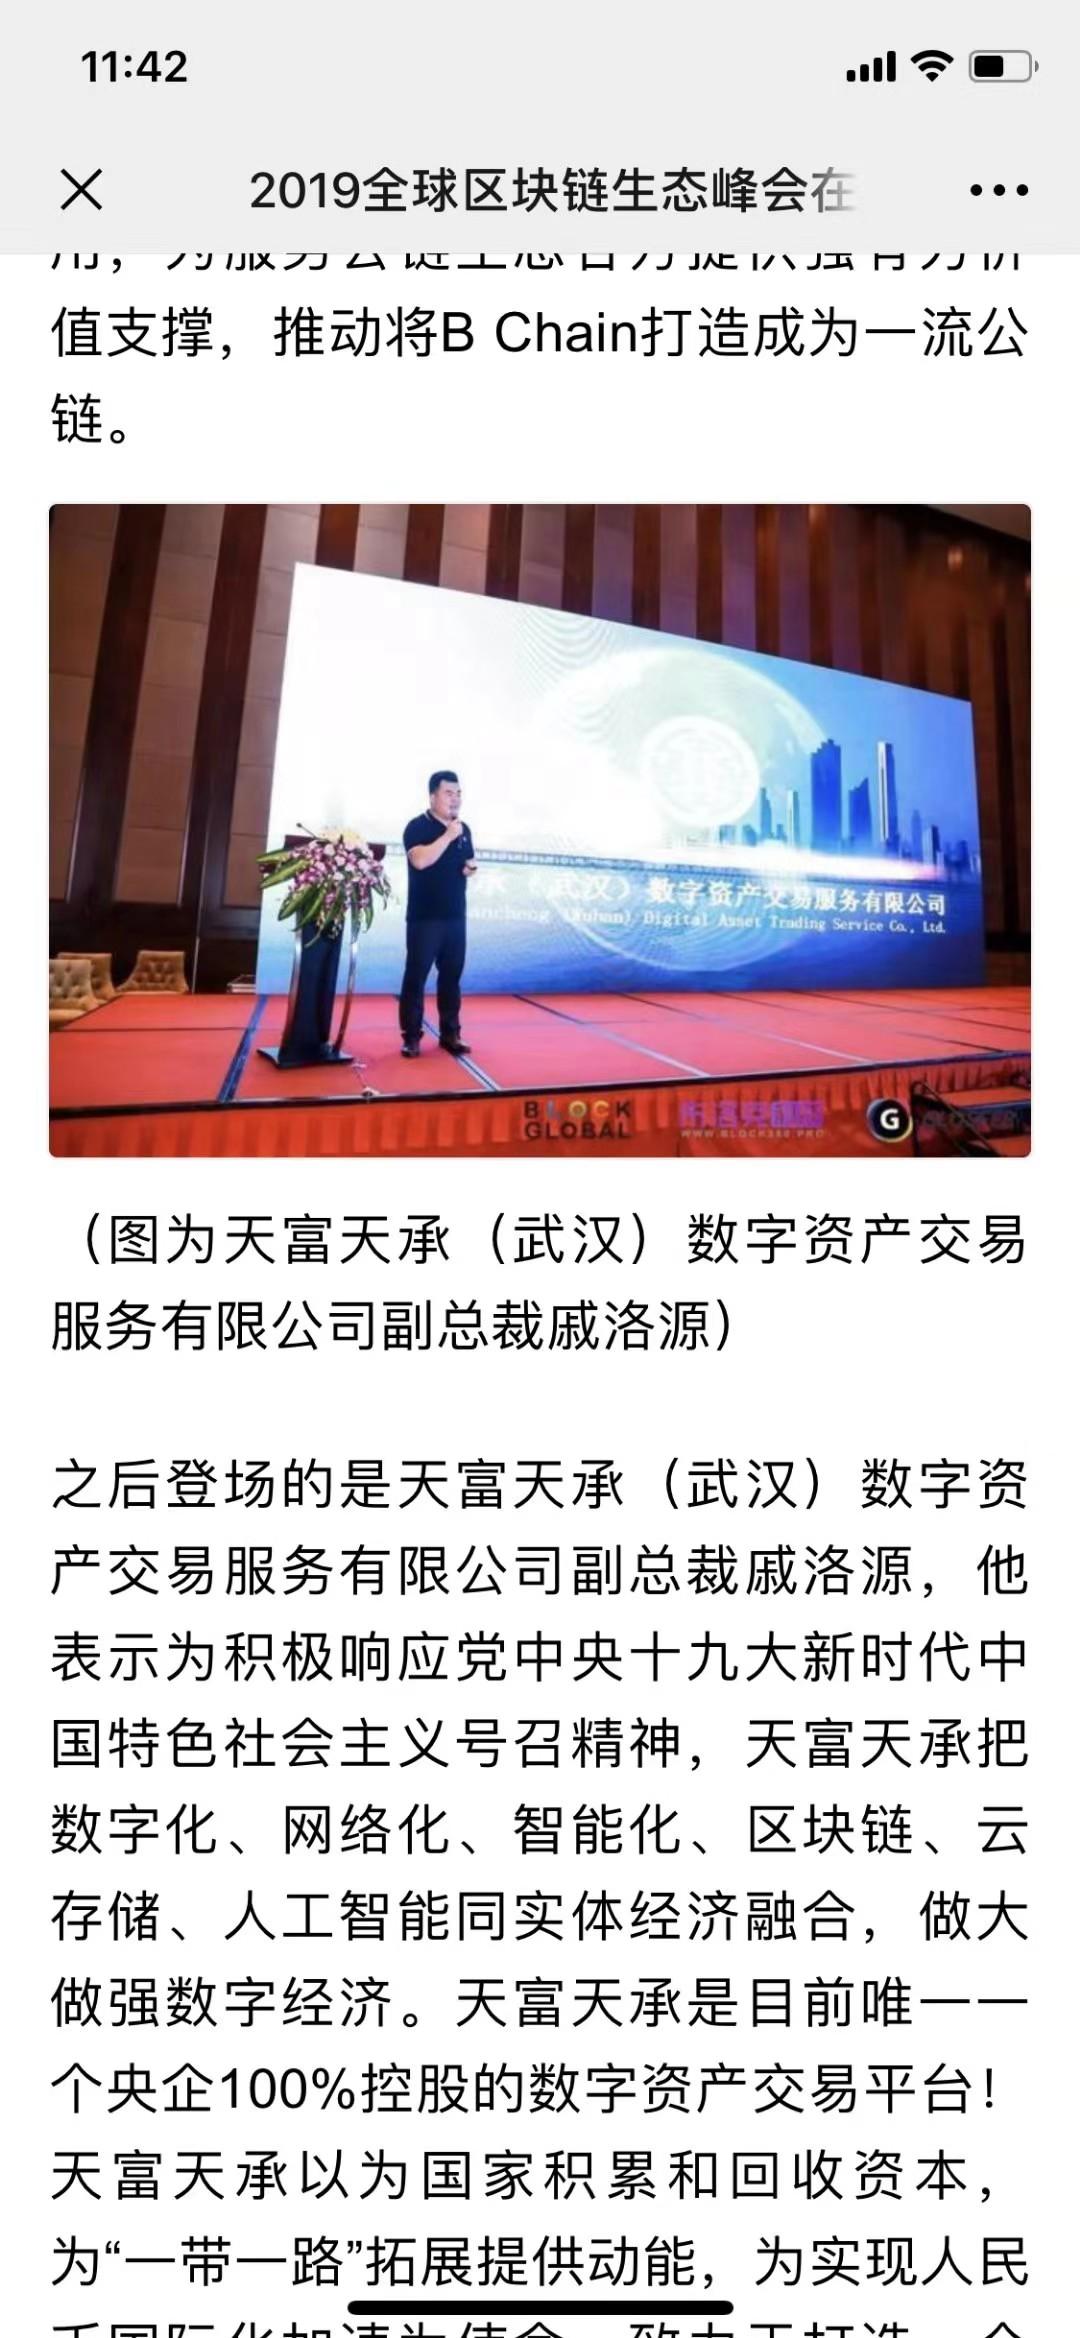 网曝 '央企背景'公司深圳区块链大会大肆敛财